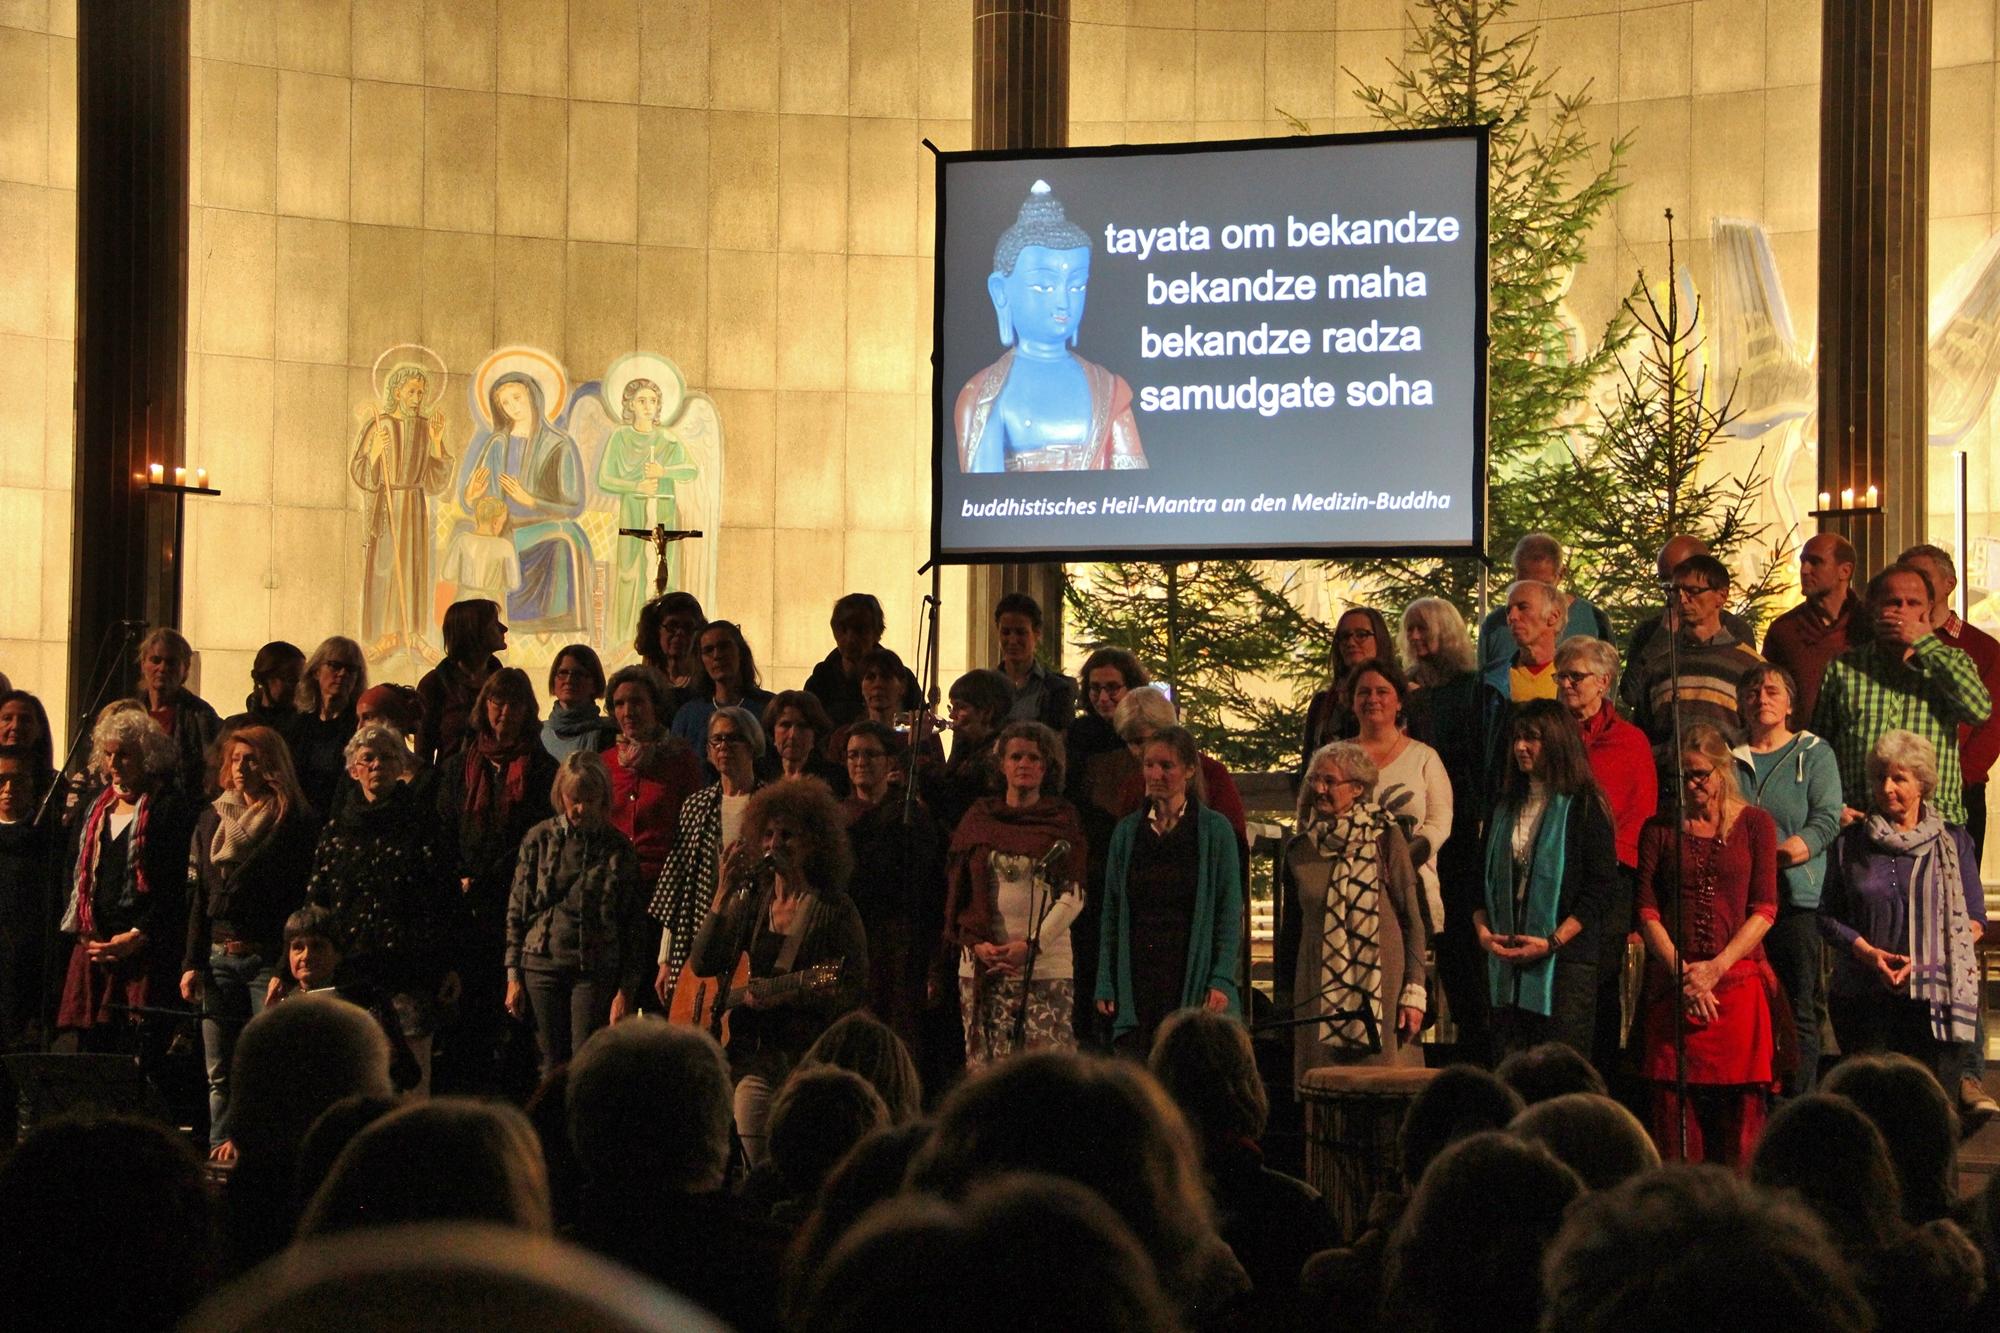 MondayMantra: Heilen durch das Singen von Mantras